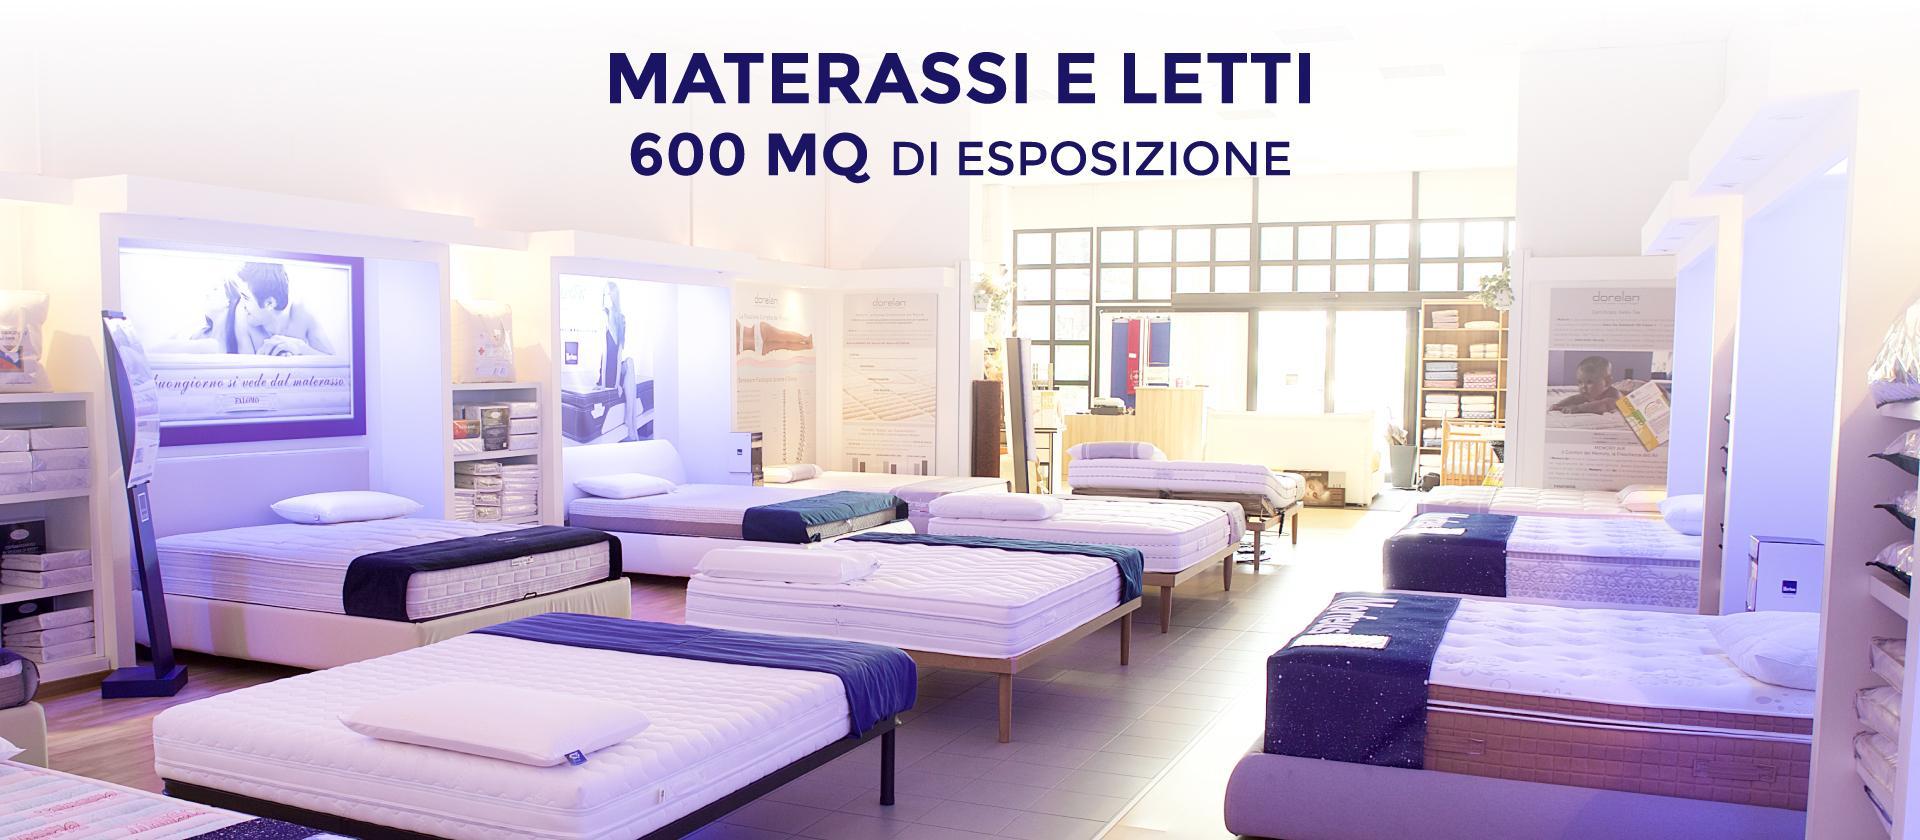 slider sito materassi roma 600mq